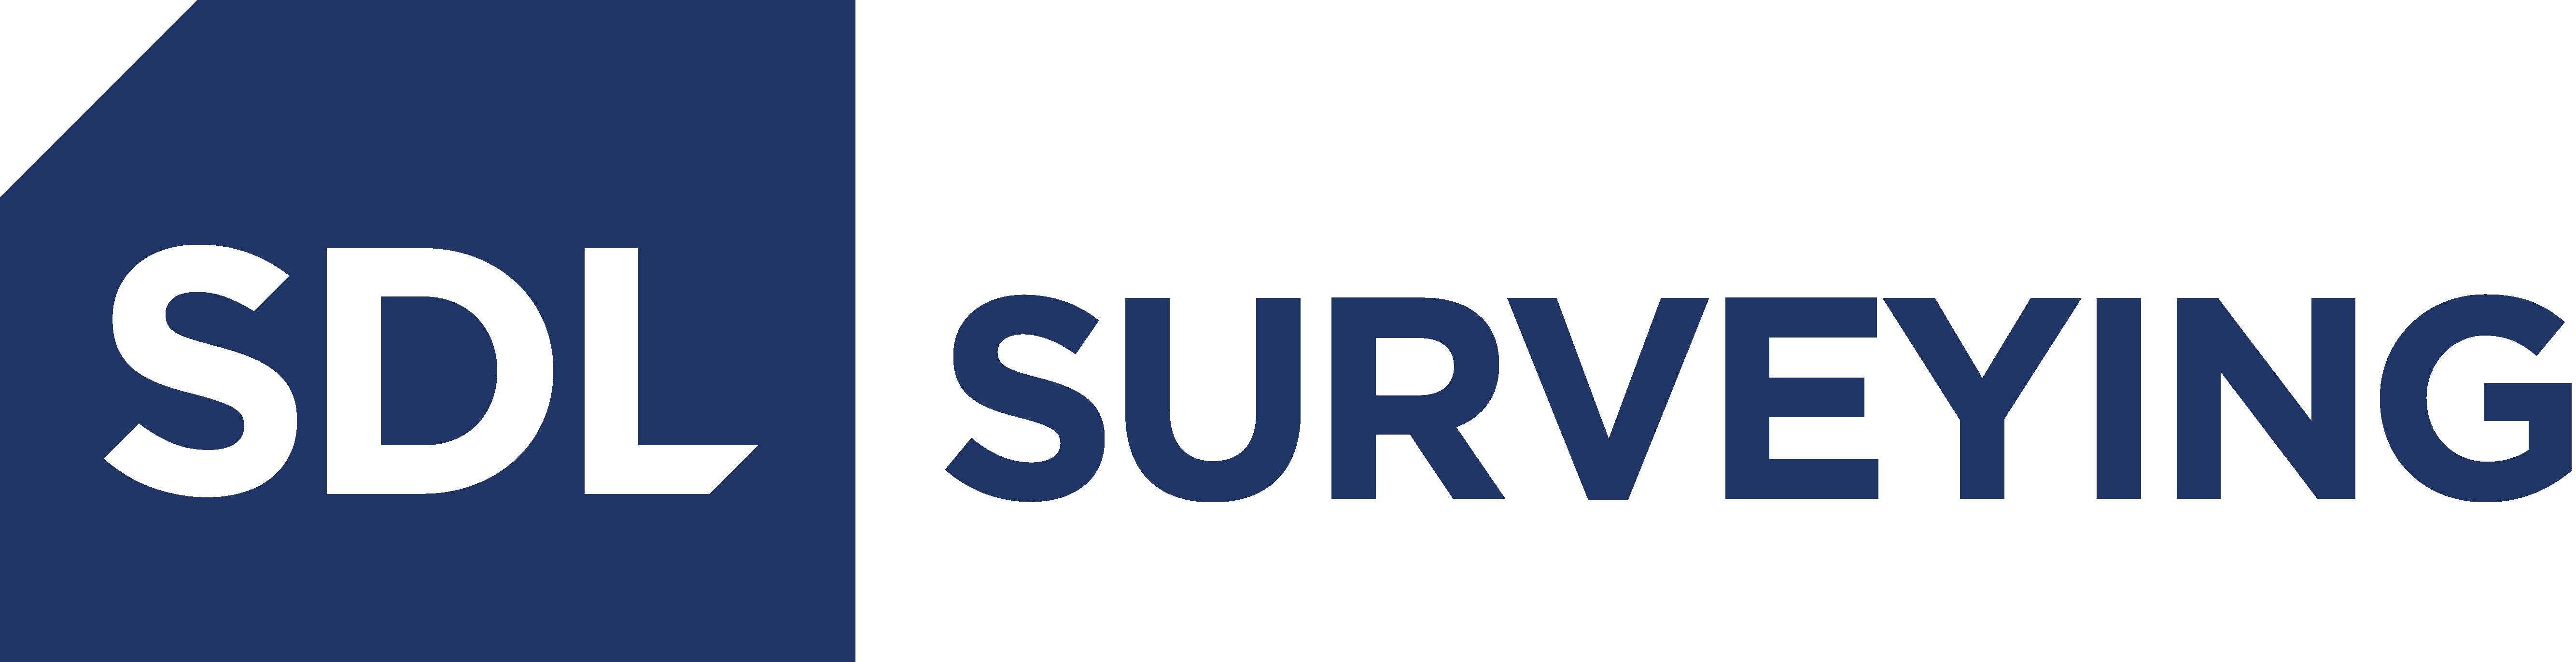 SDL Surveying Old logo